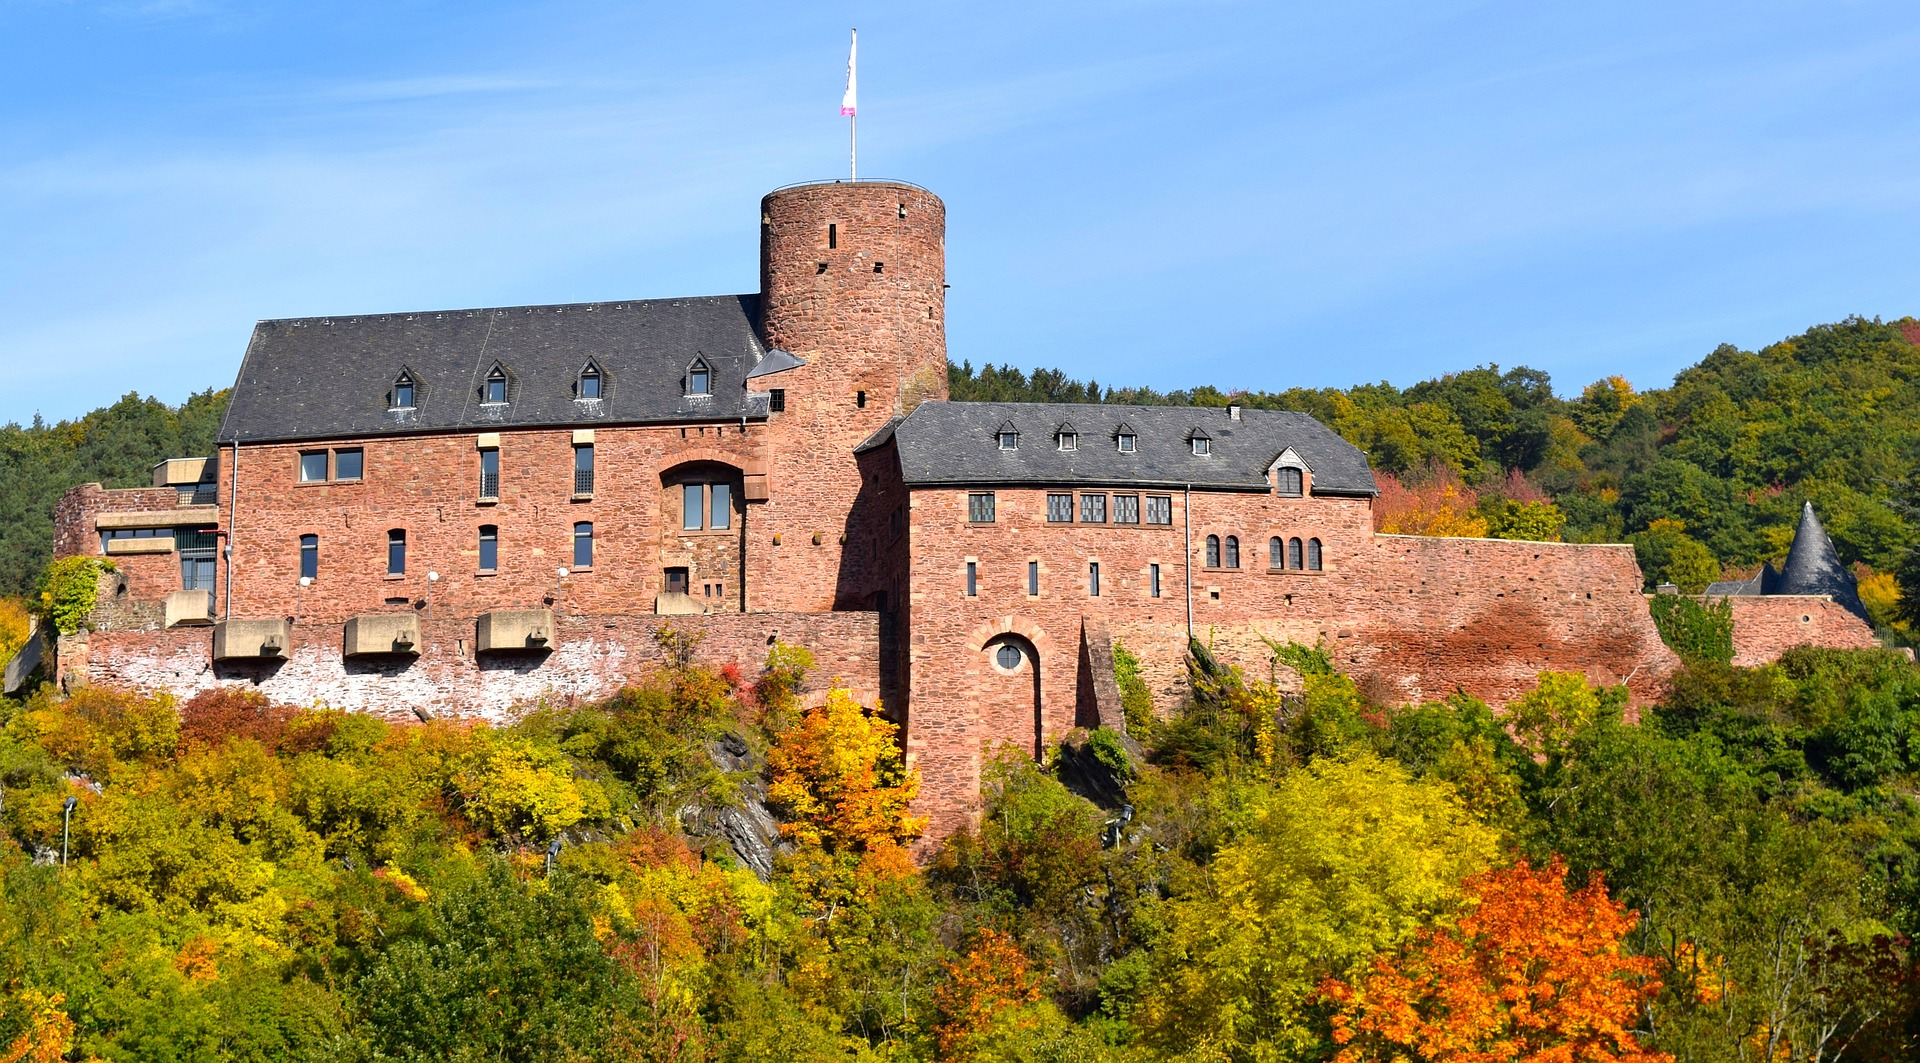 Wild castle photo